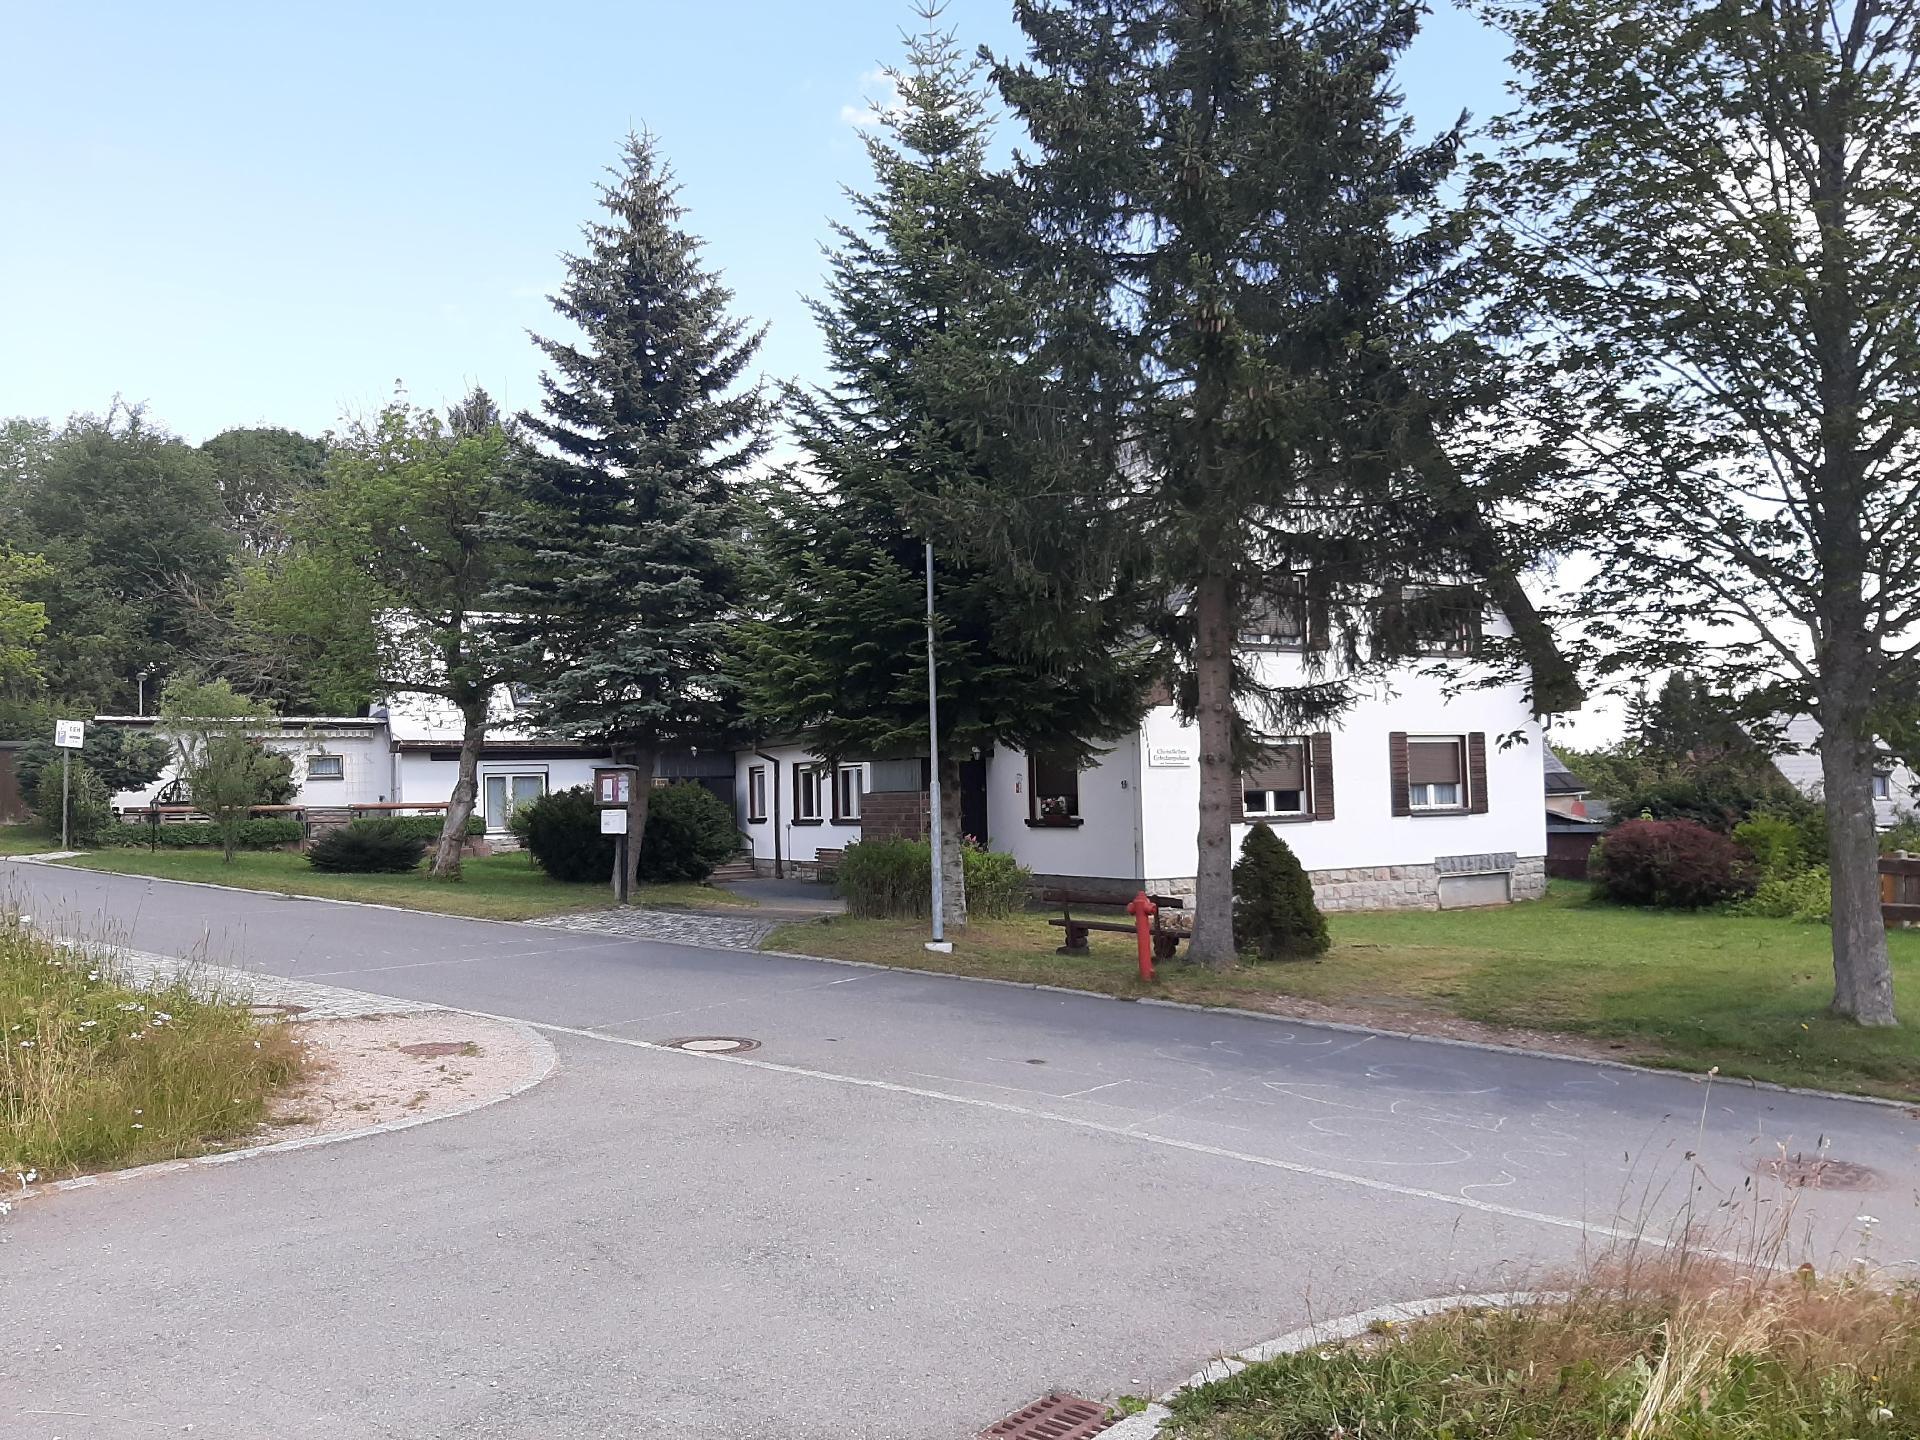 Ferienhaus für 4 Personen  + 4 Kinder ca. 120  in Sachsen